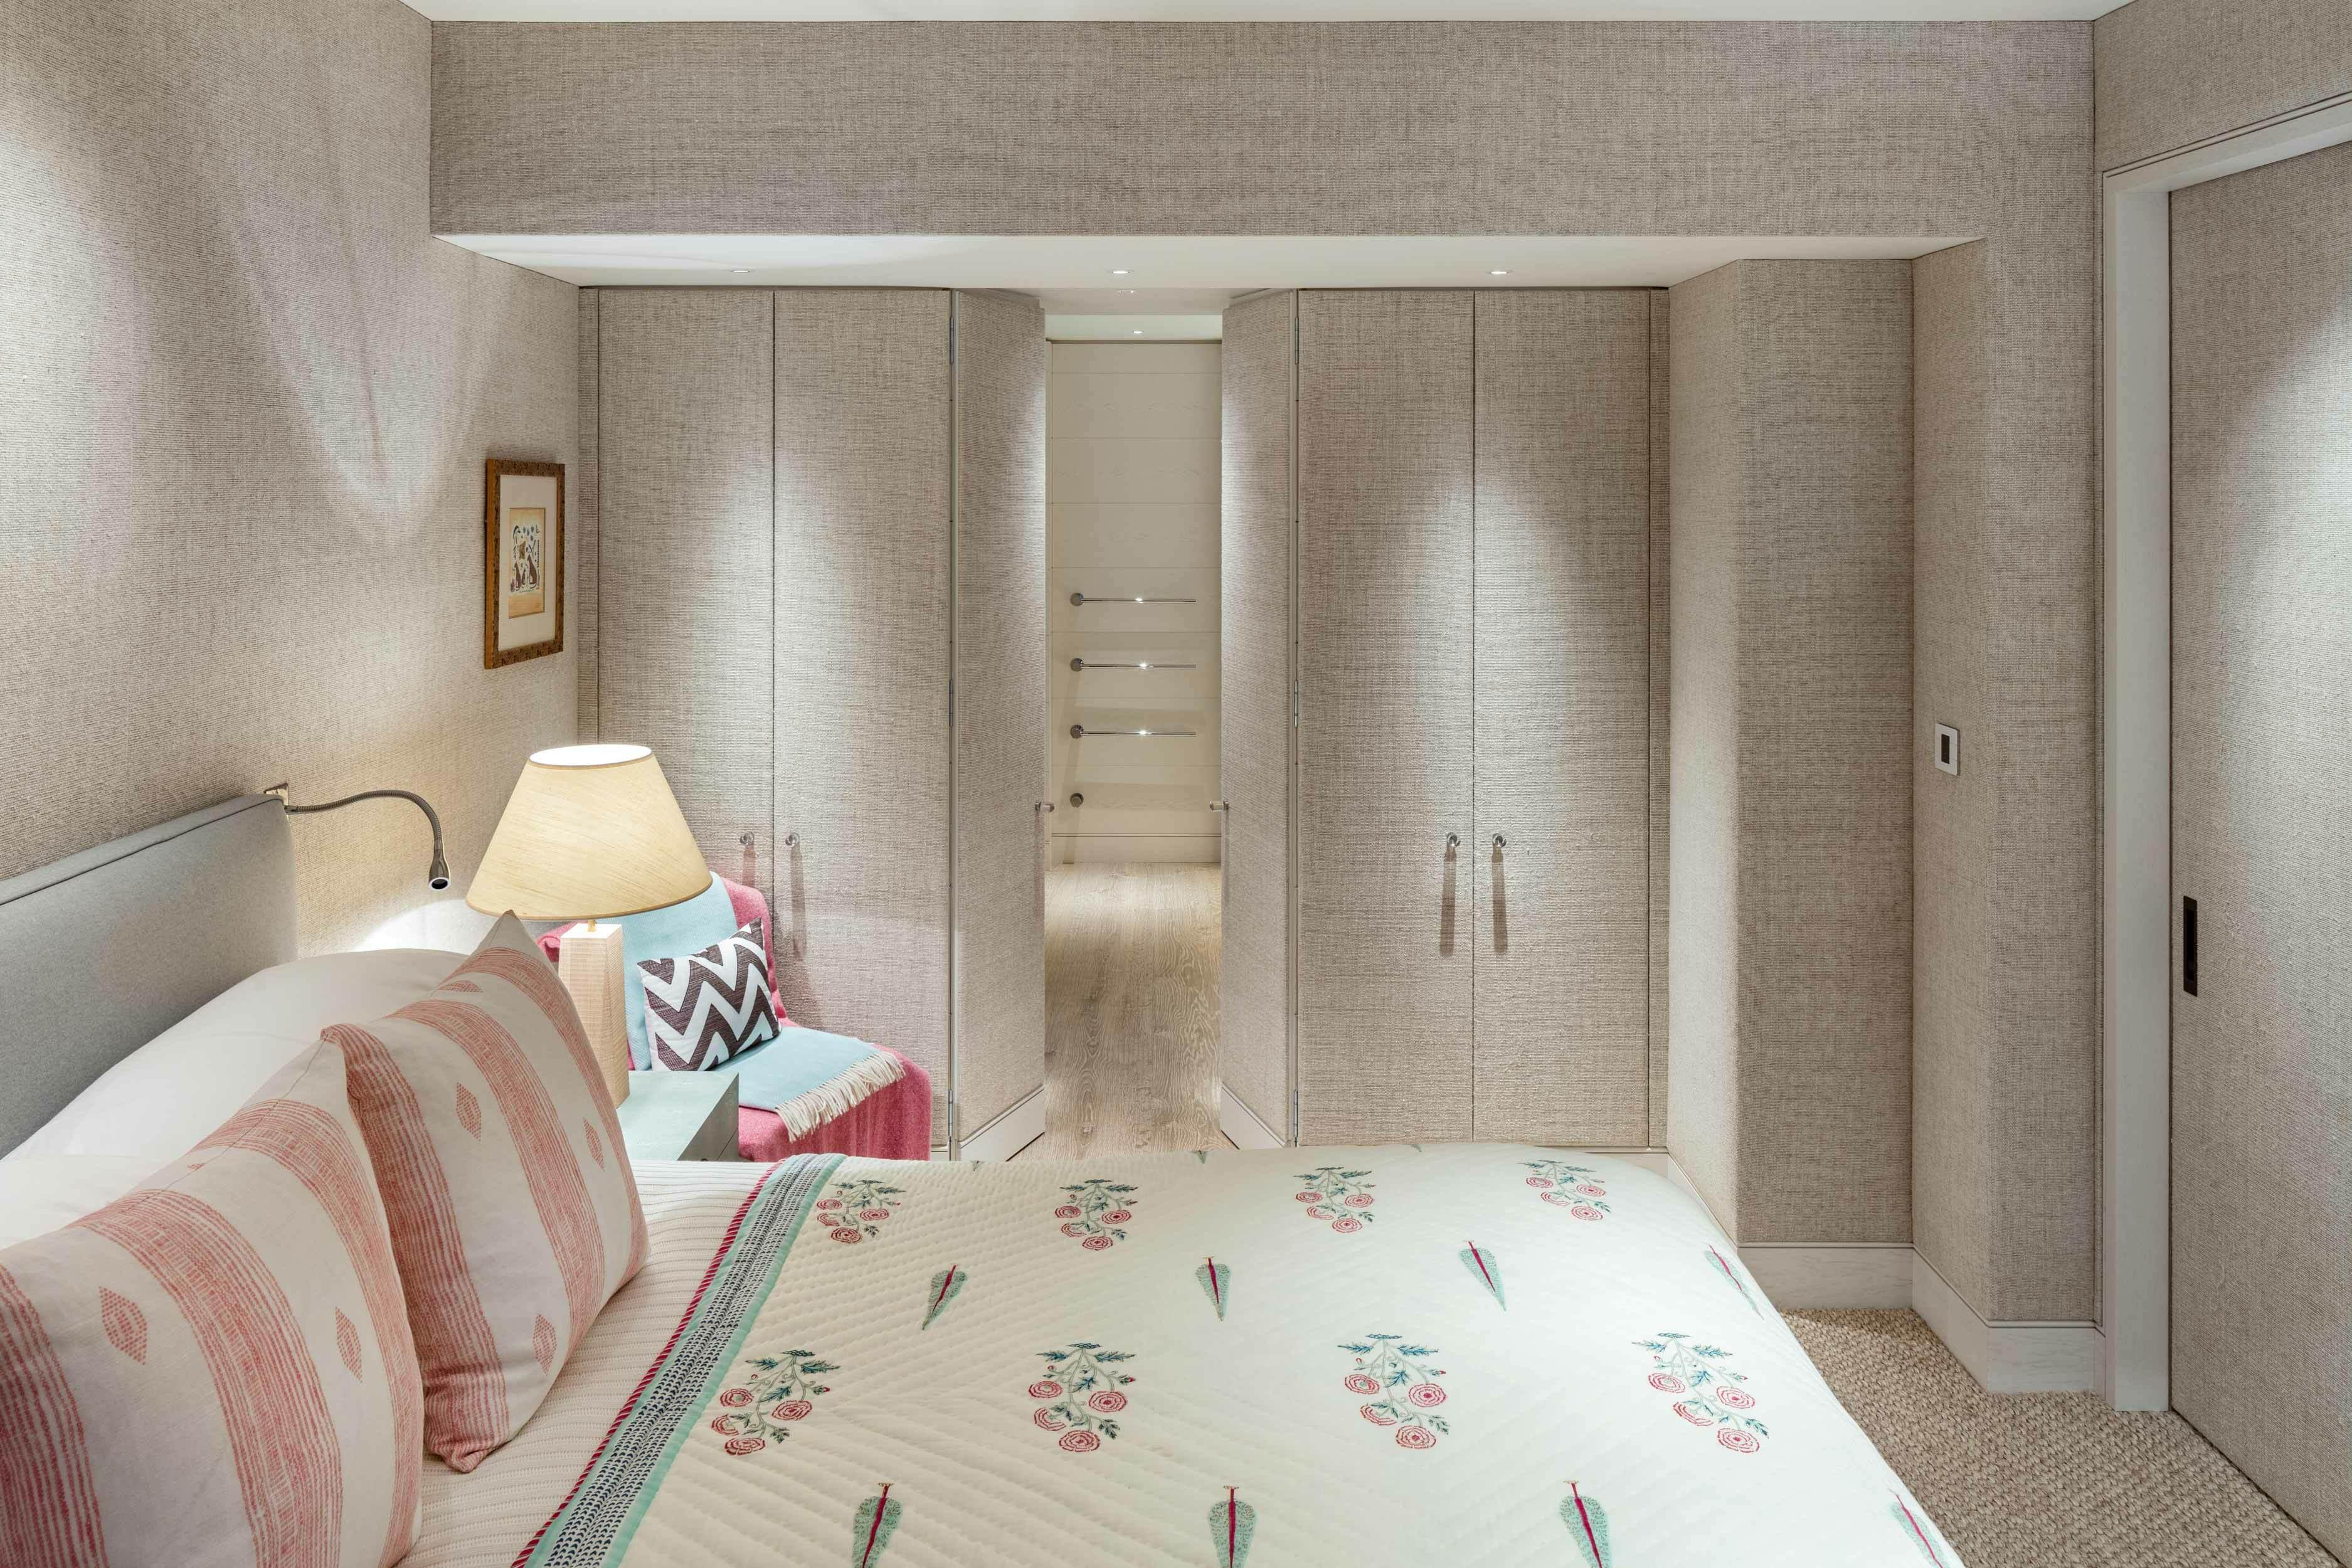 Bedrooms_9.jpg